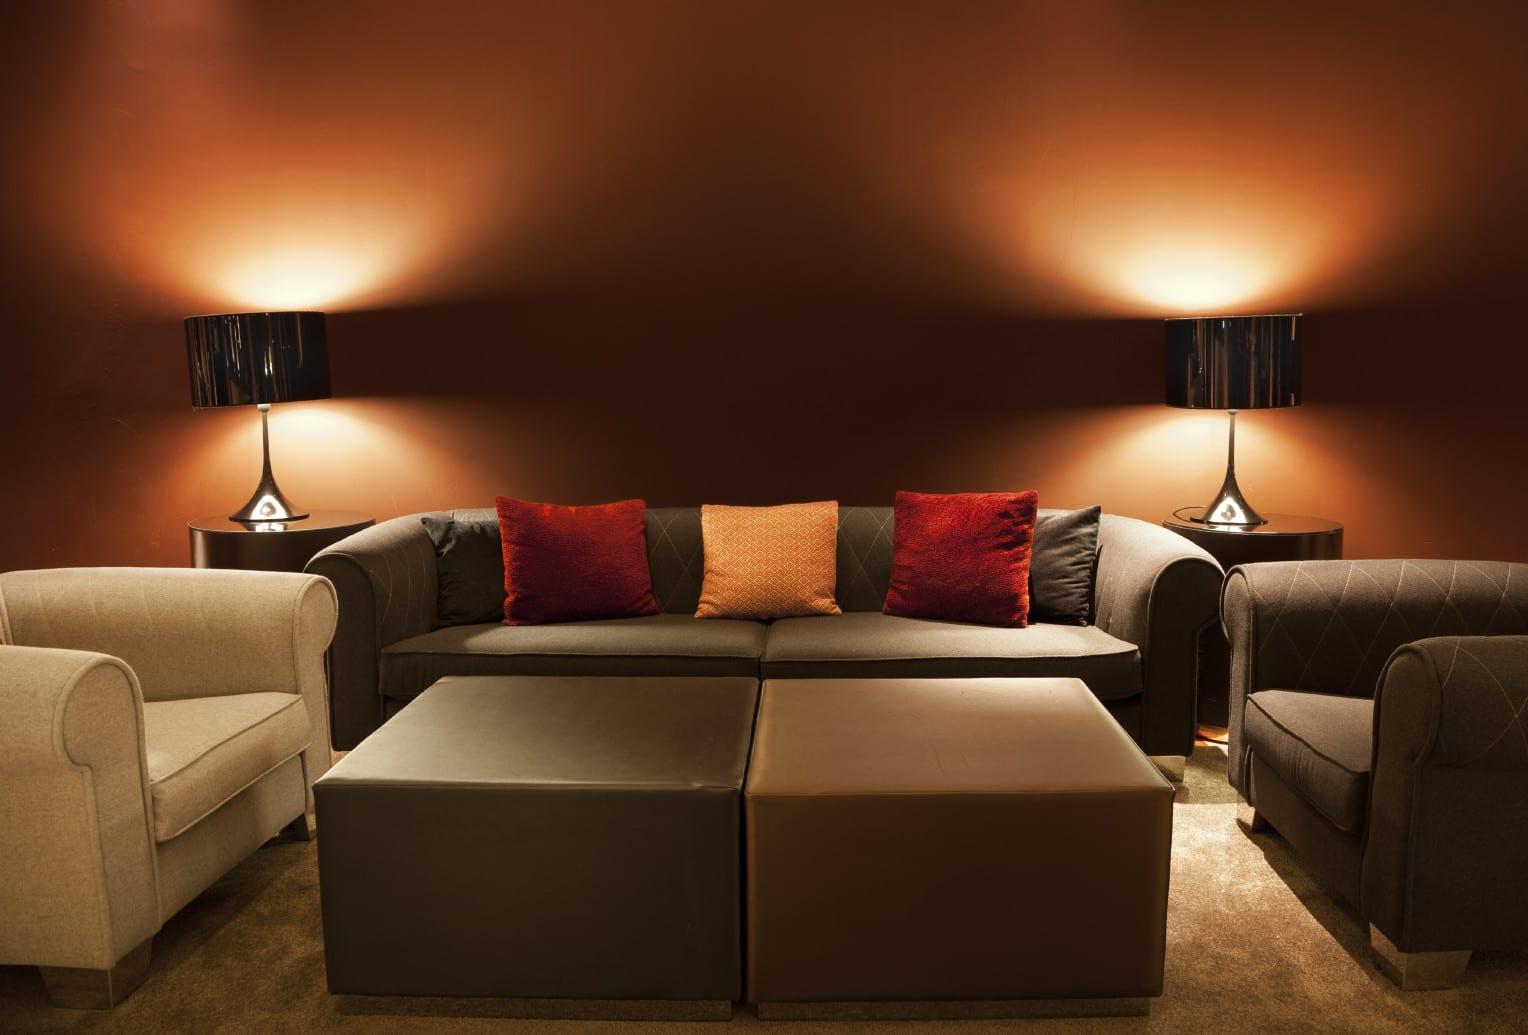 wohnzimmer design in braun mit wandfarbe braun_wohnzimmer einrichten mit ledersofa und seats in braun und weiß und runden beistelltischen mit tischlampen rund aus metall für akzentbeleuchtung